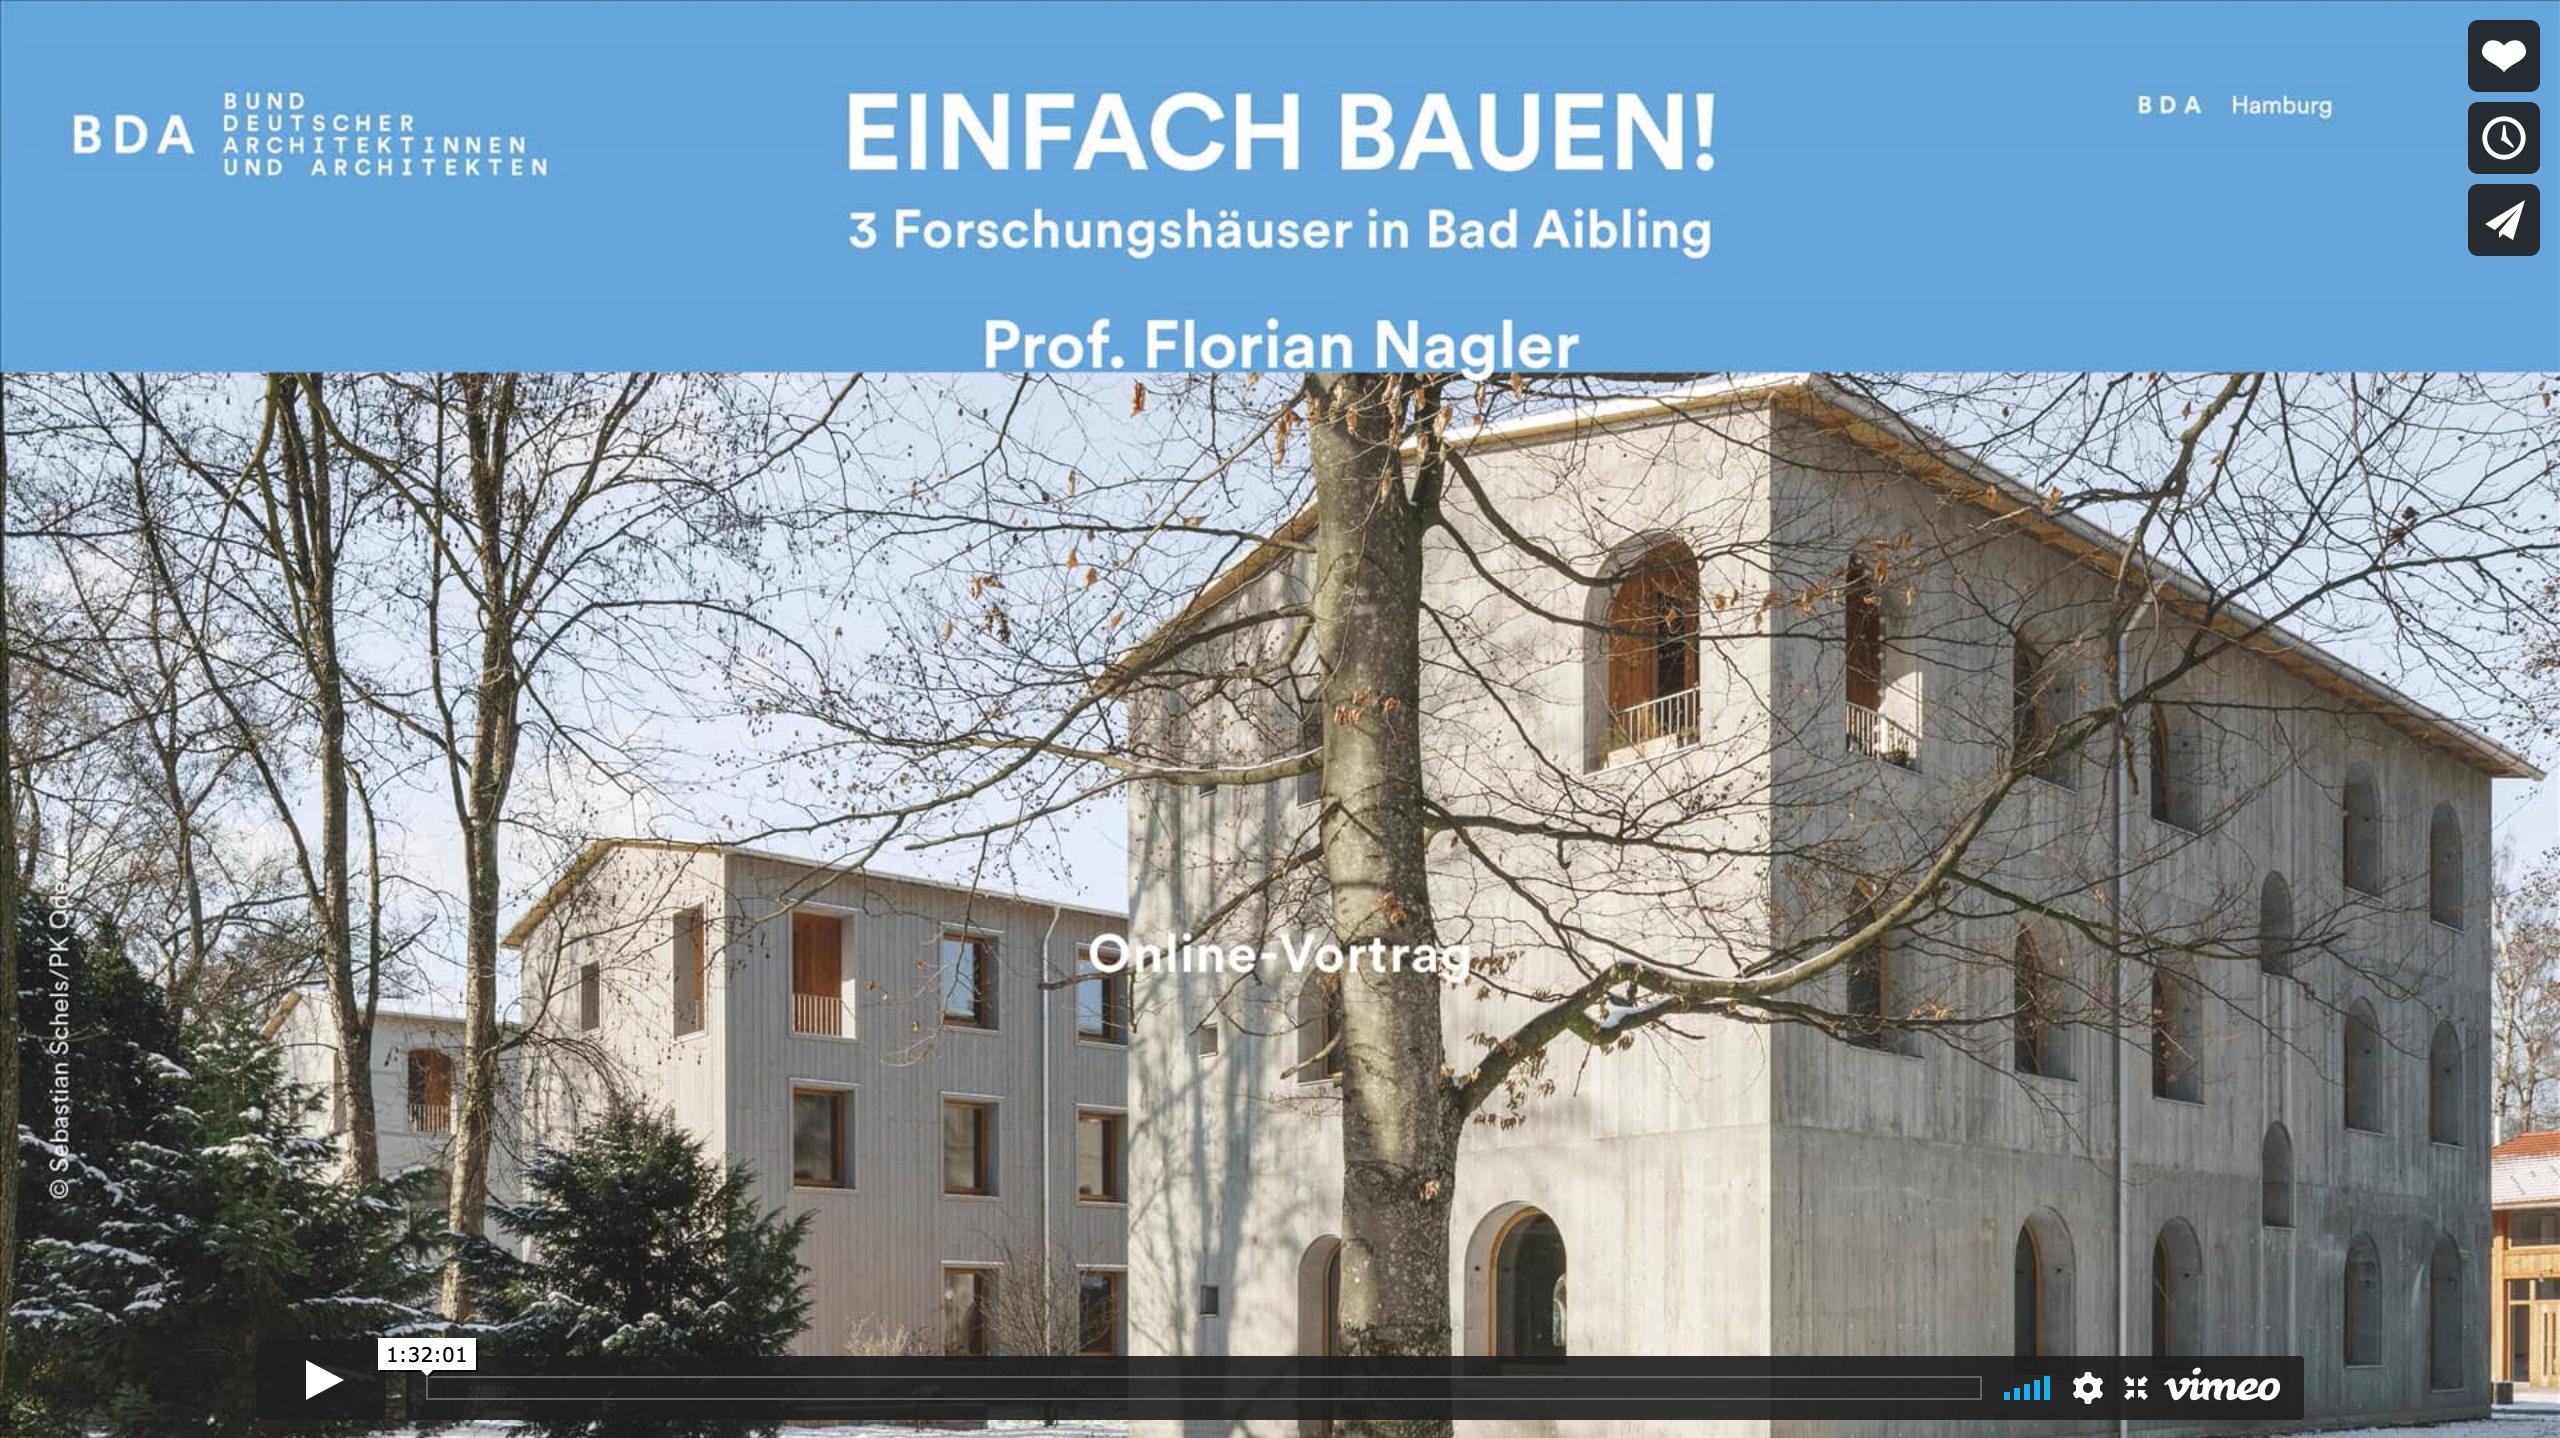 Einfach Bauen 3 Forschungshäuser in Bad Aibling Online-Vortrag Florian Nagler